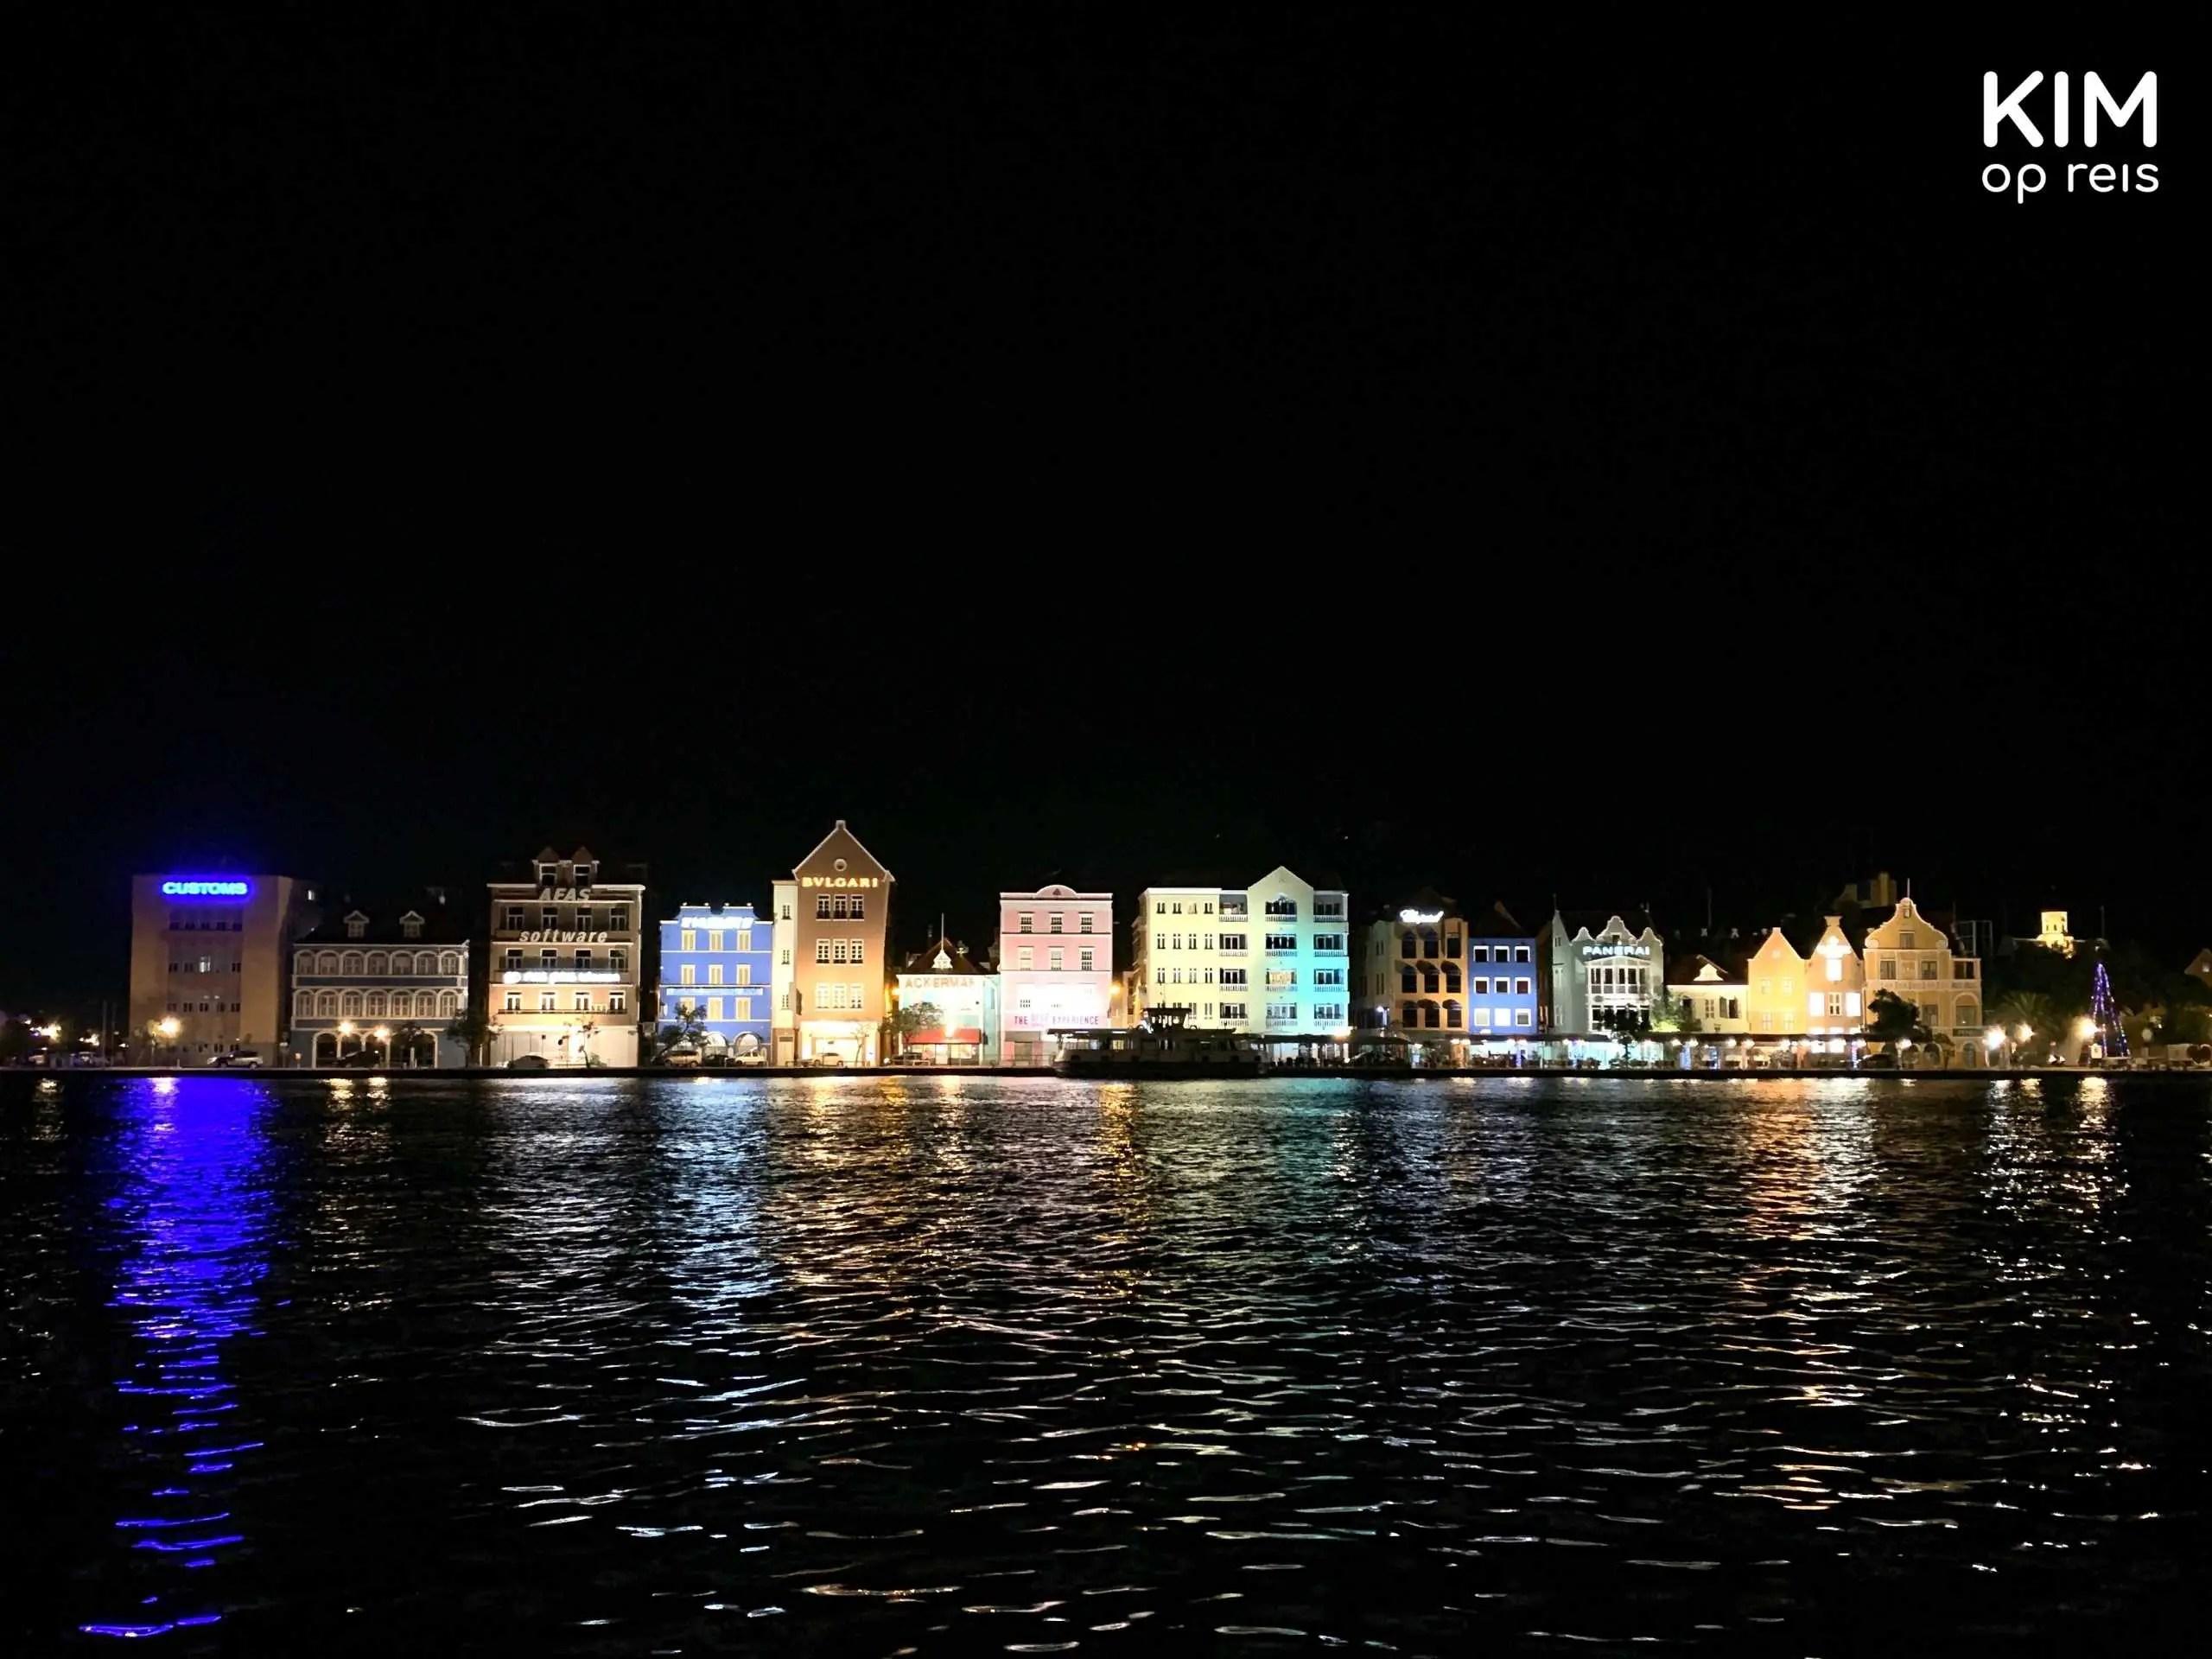 Willemstad Handelskade Curaçao avond: rijtje kleurrijke en verlichte koopmanshuizen in het donker